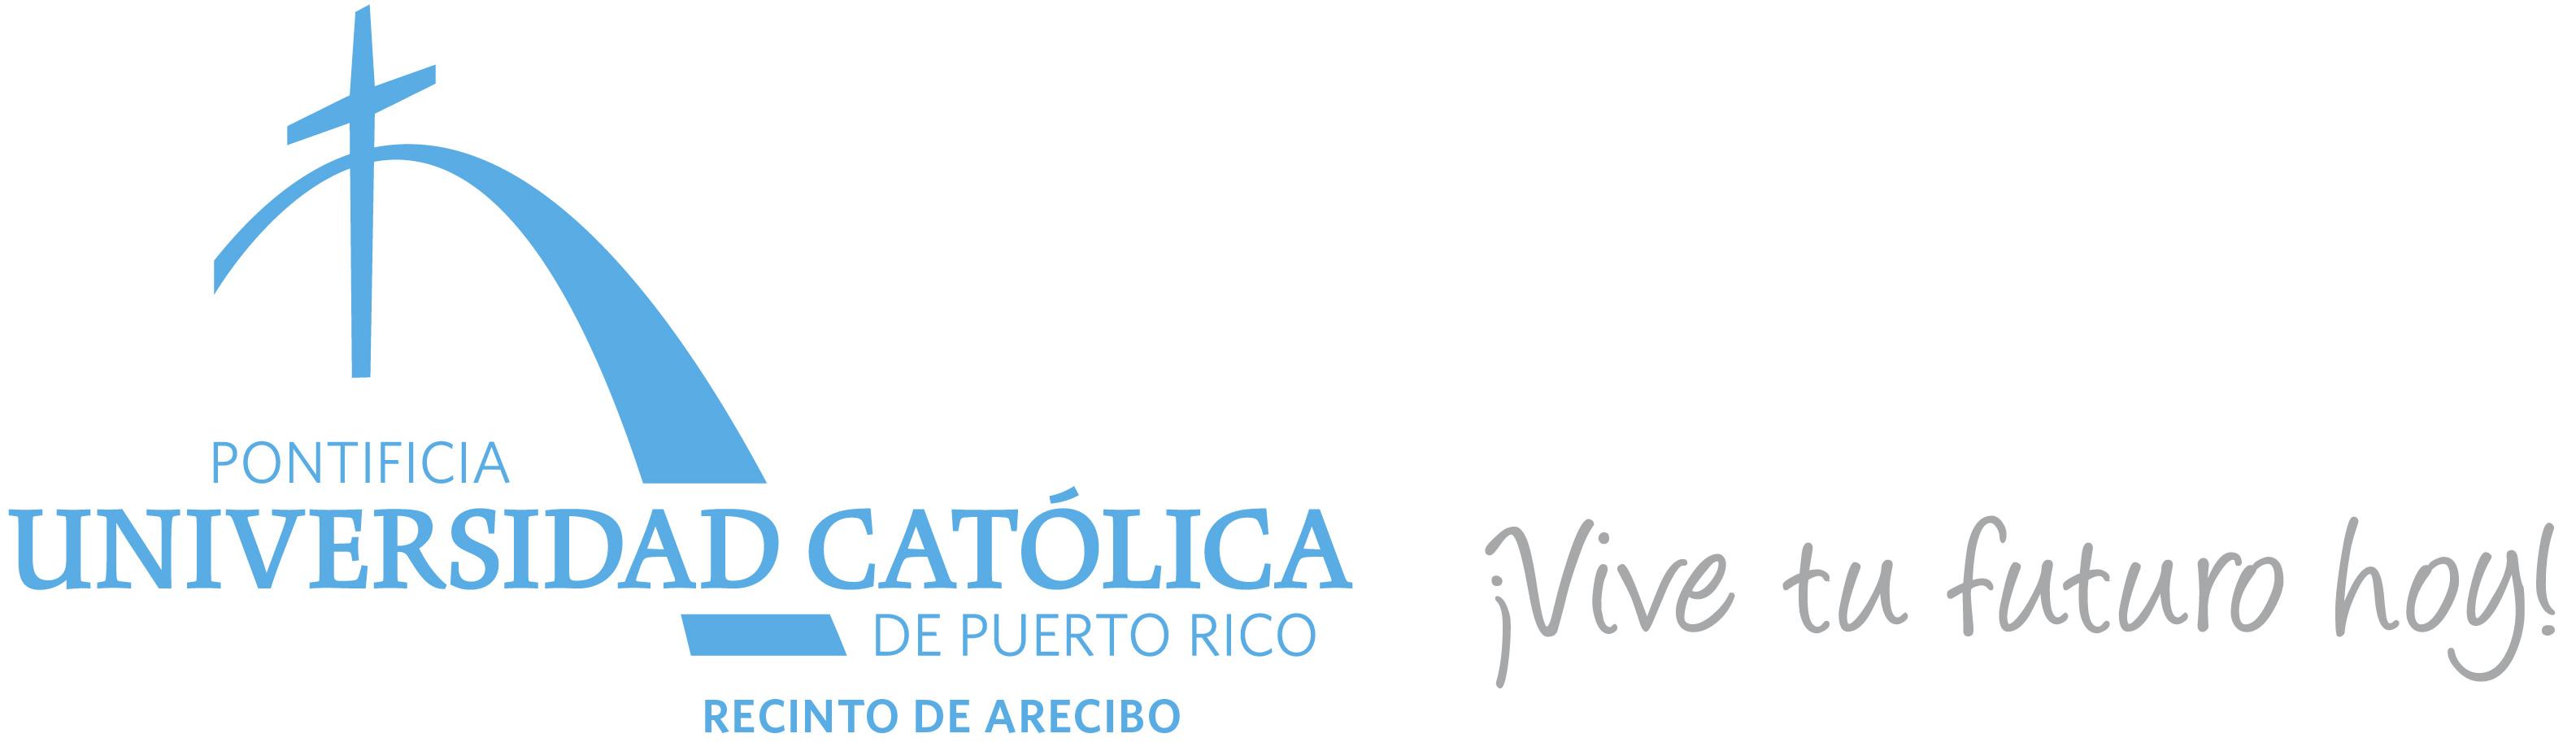 logo pucpr_recinto_arecibo2